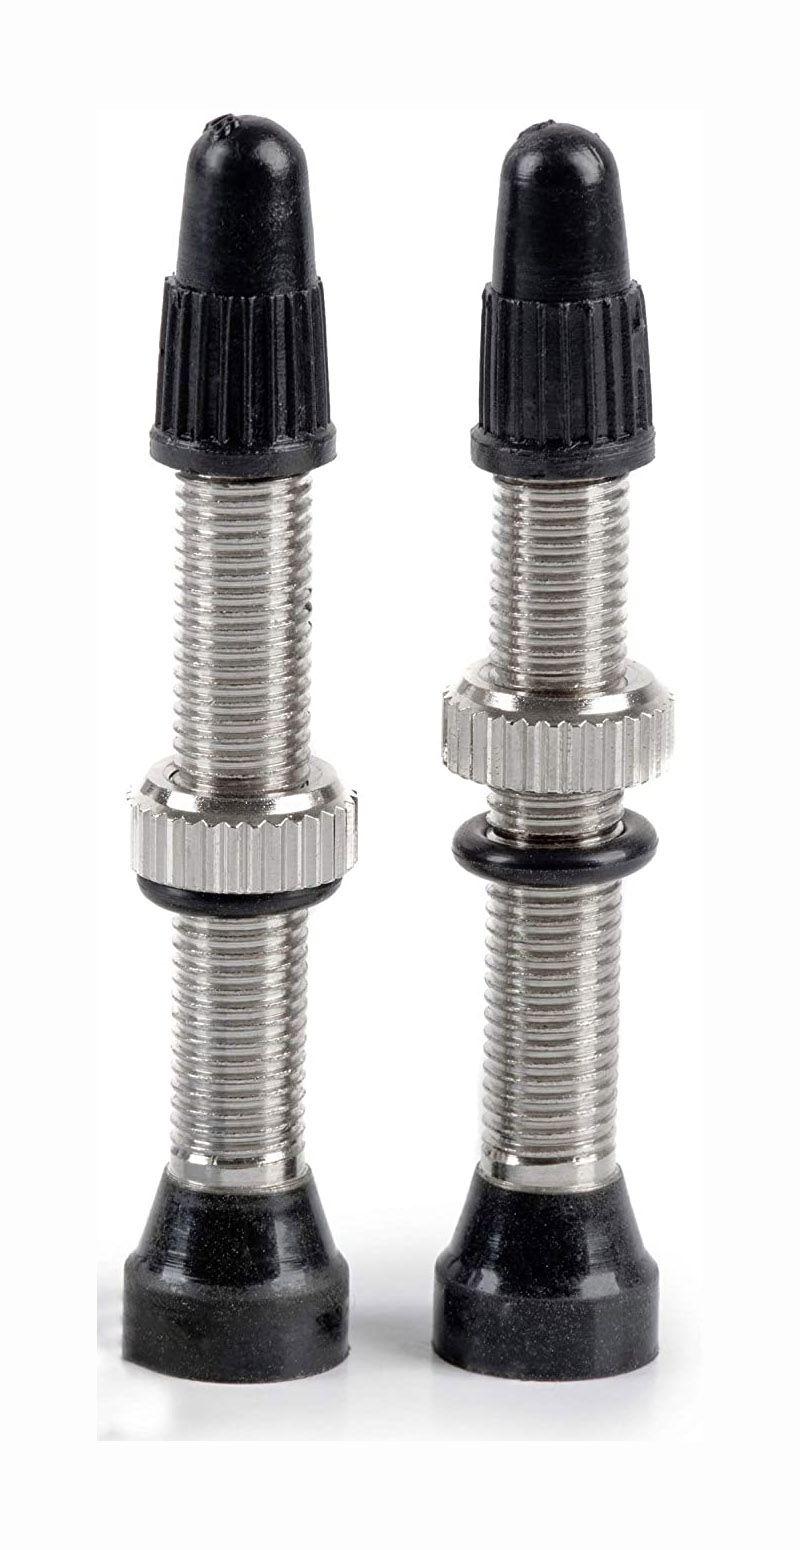 Kit Tubeless ArStop Com Fita 30mm - Liquido 300ml e Bicos Pneus 26 27.5 29